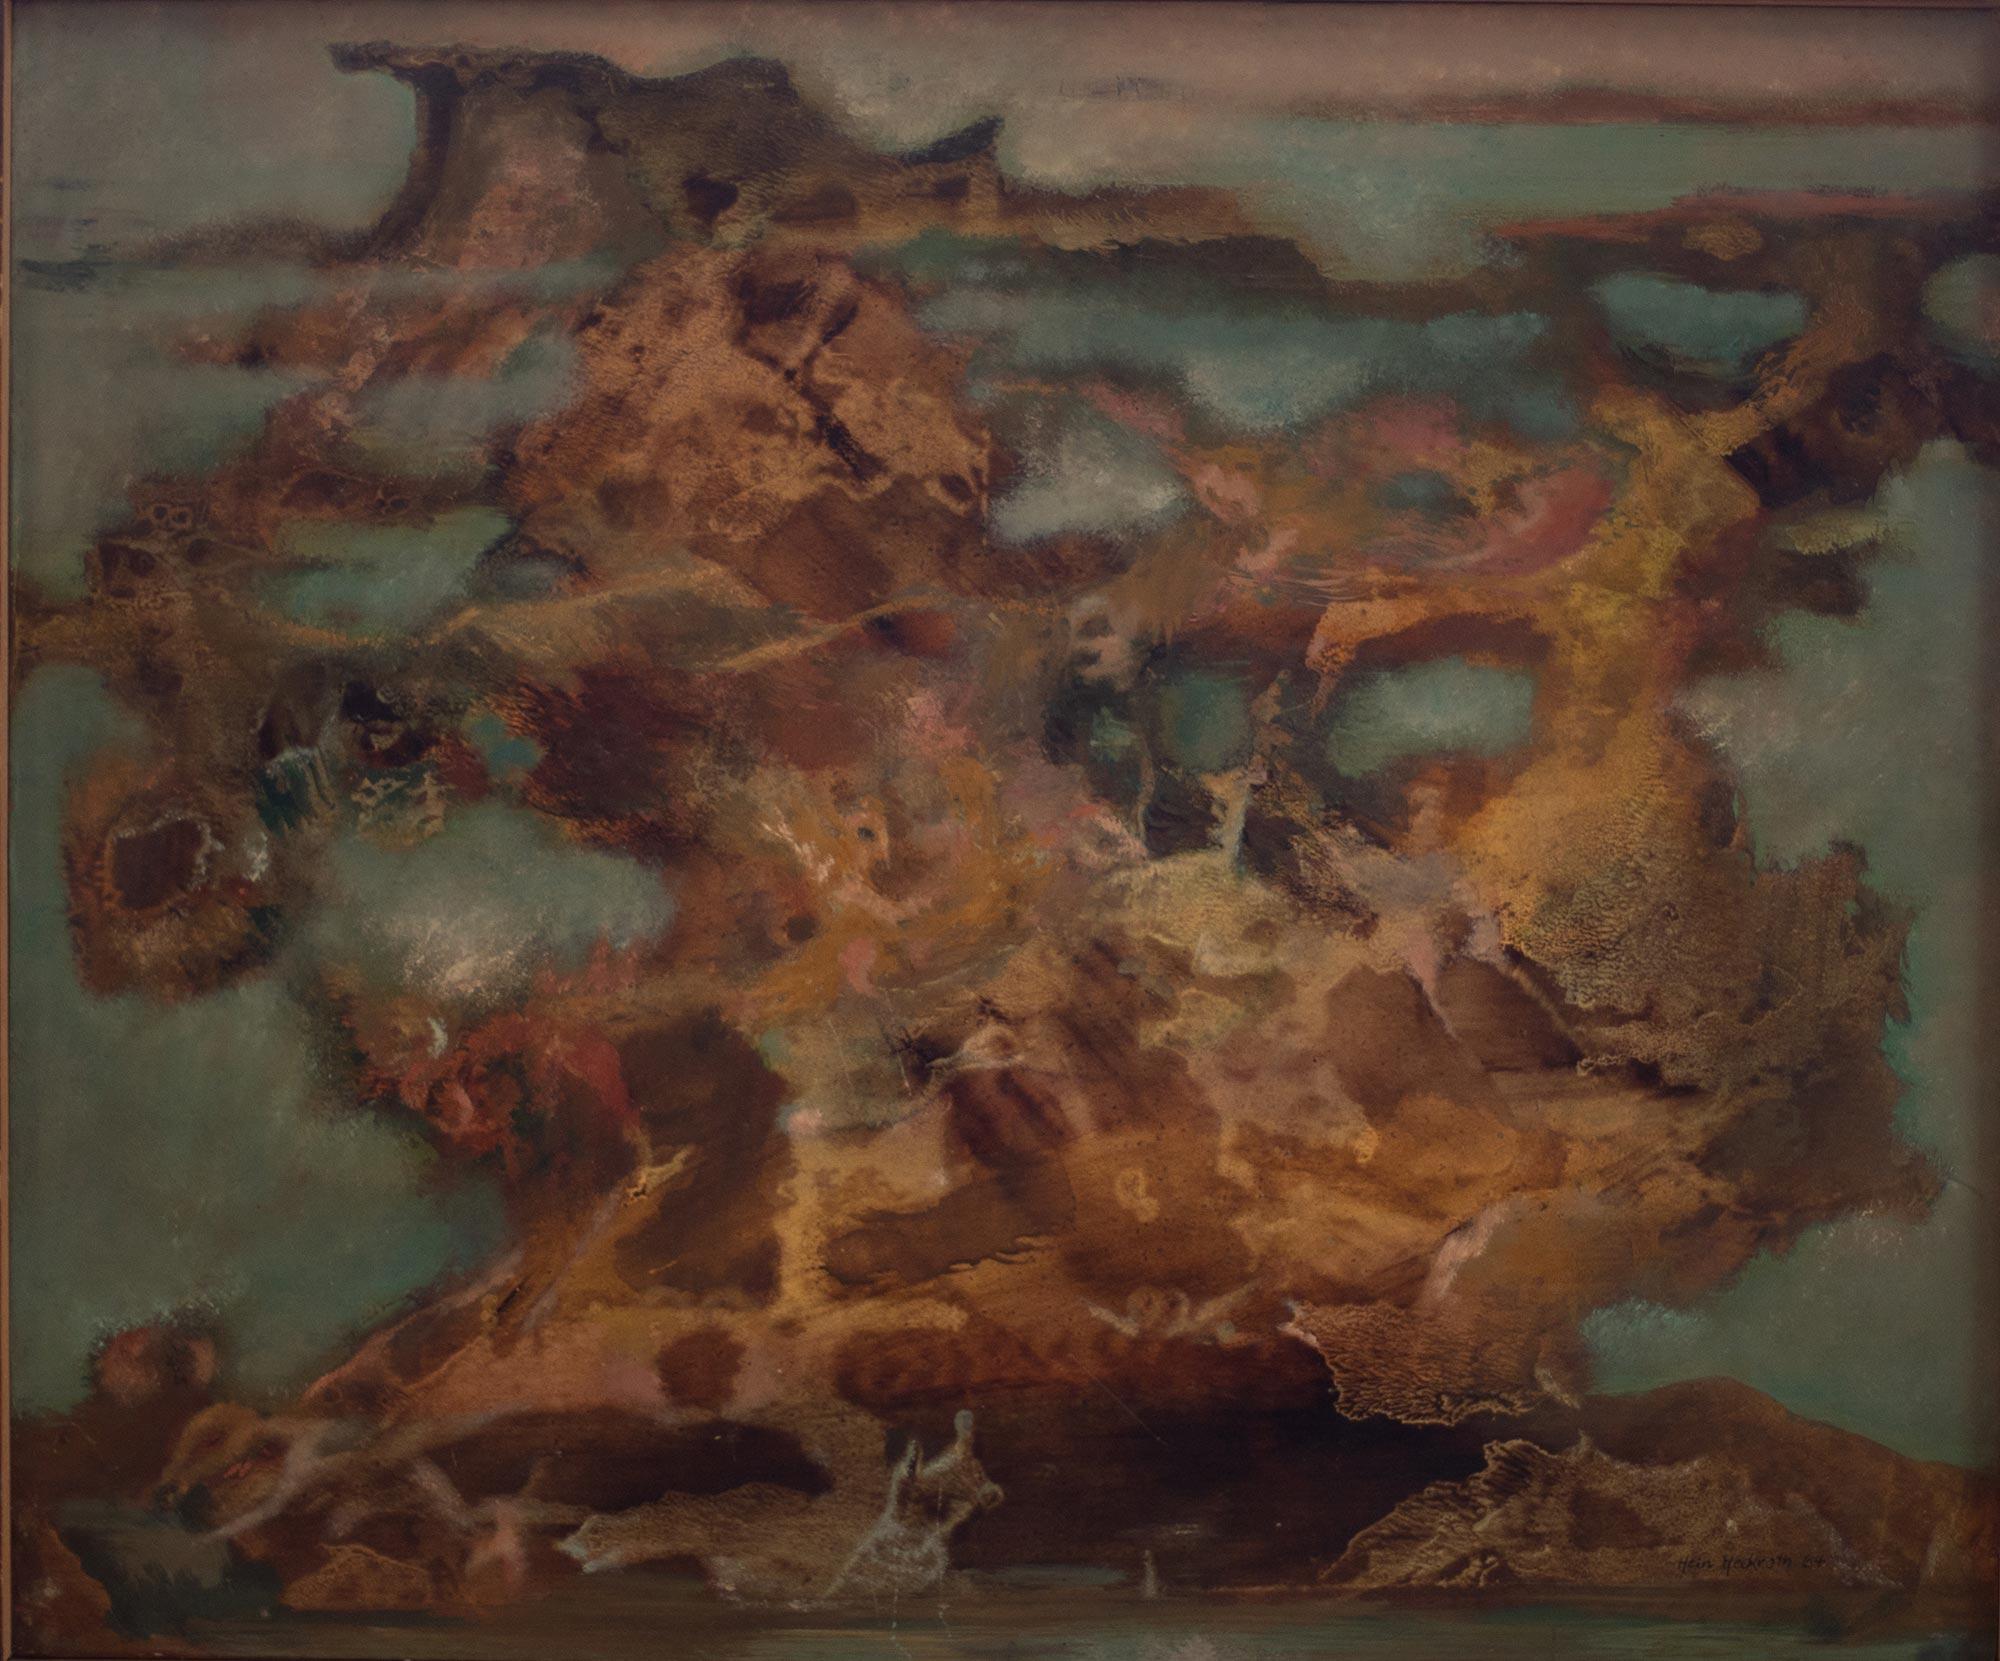 6 Hein Heckroth, Der große Felsen, 1957, Öl auf Holz, 45 x 54 cm, Privatbesitz